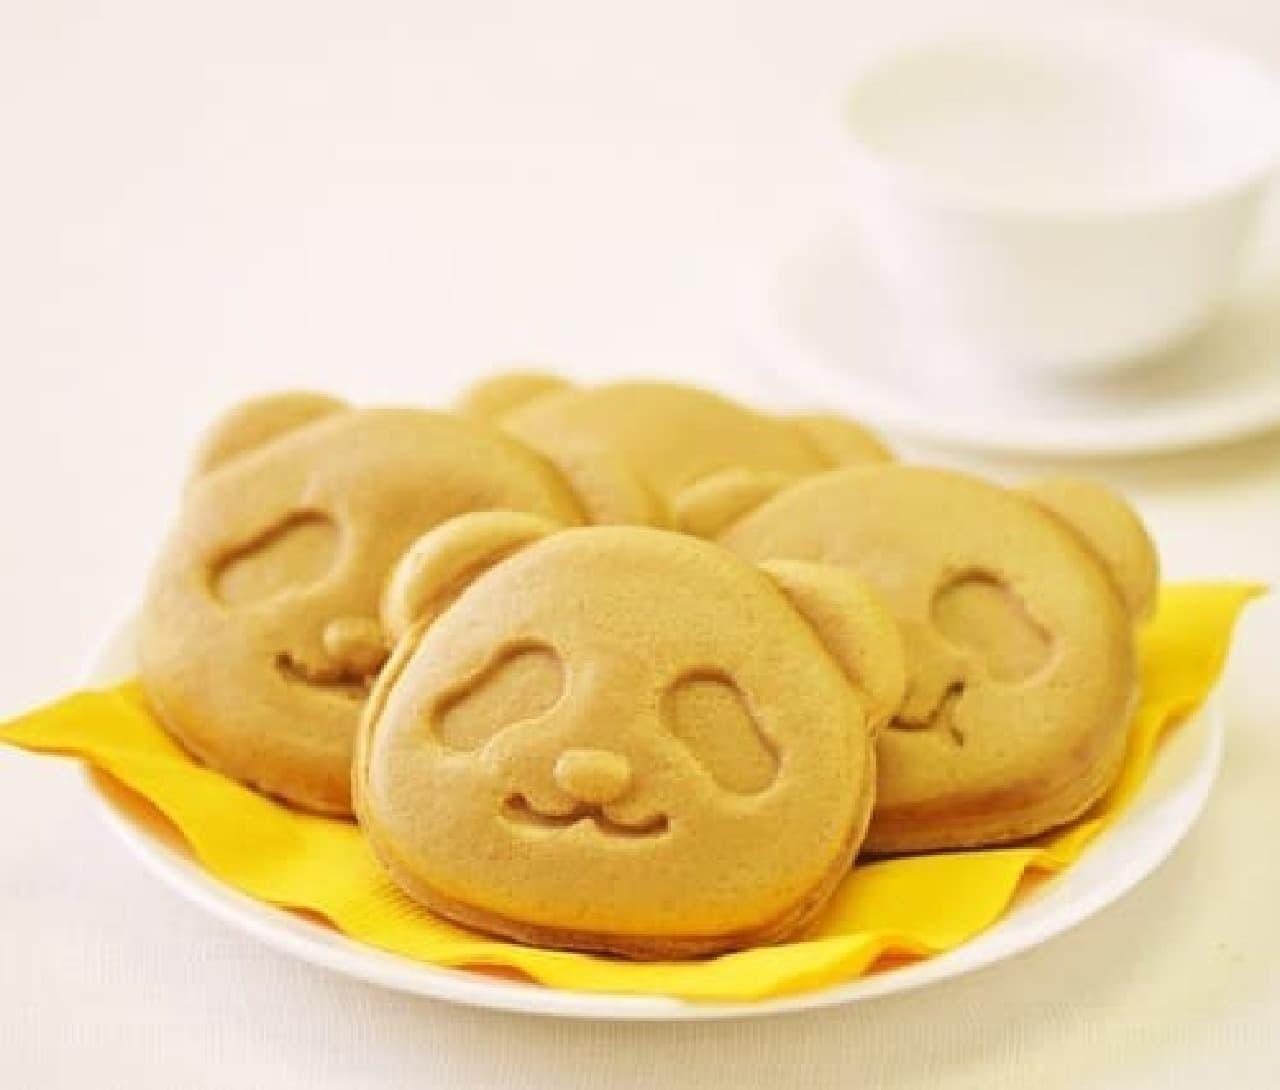 銀座コージーコーナーの上野公園ルエノ店「パンダ焼き(西尾抹茶)」